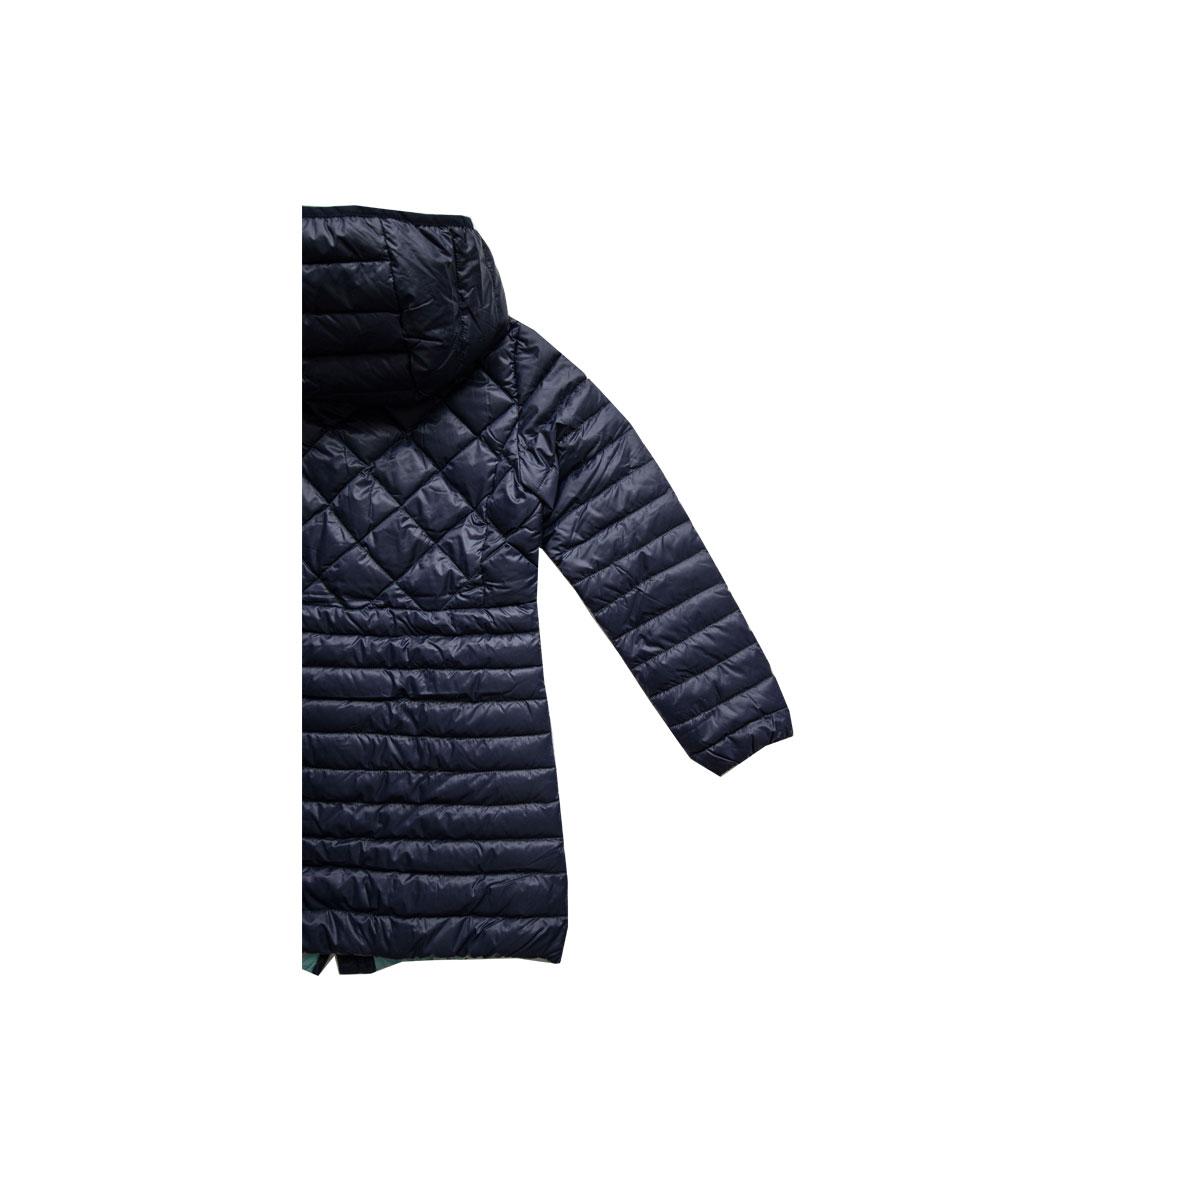 Pengu KIDS kids ultra light fown coat for girls